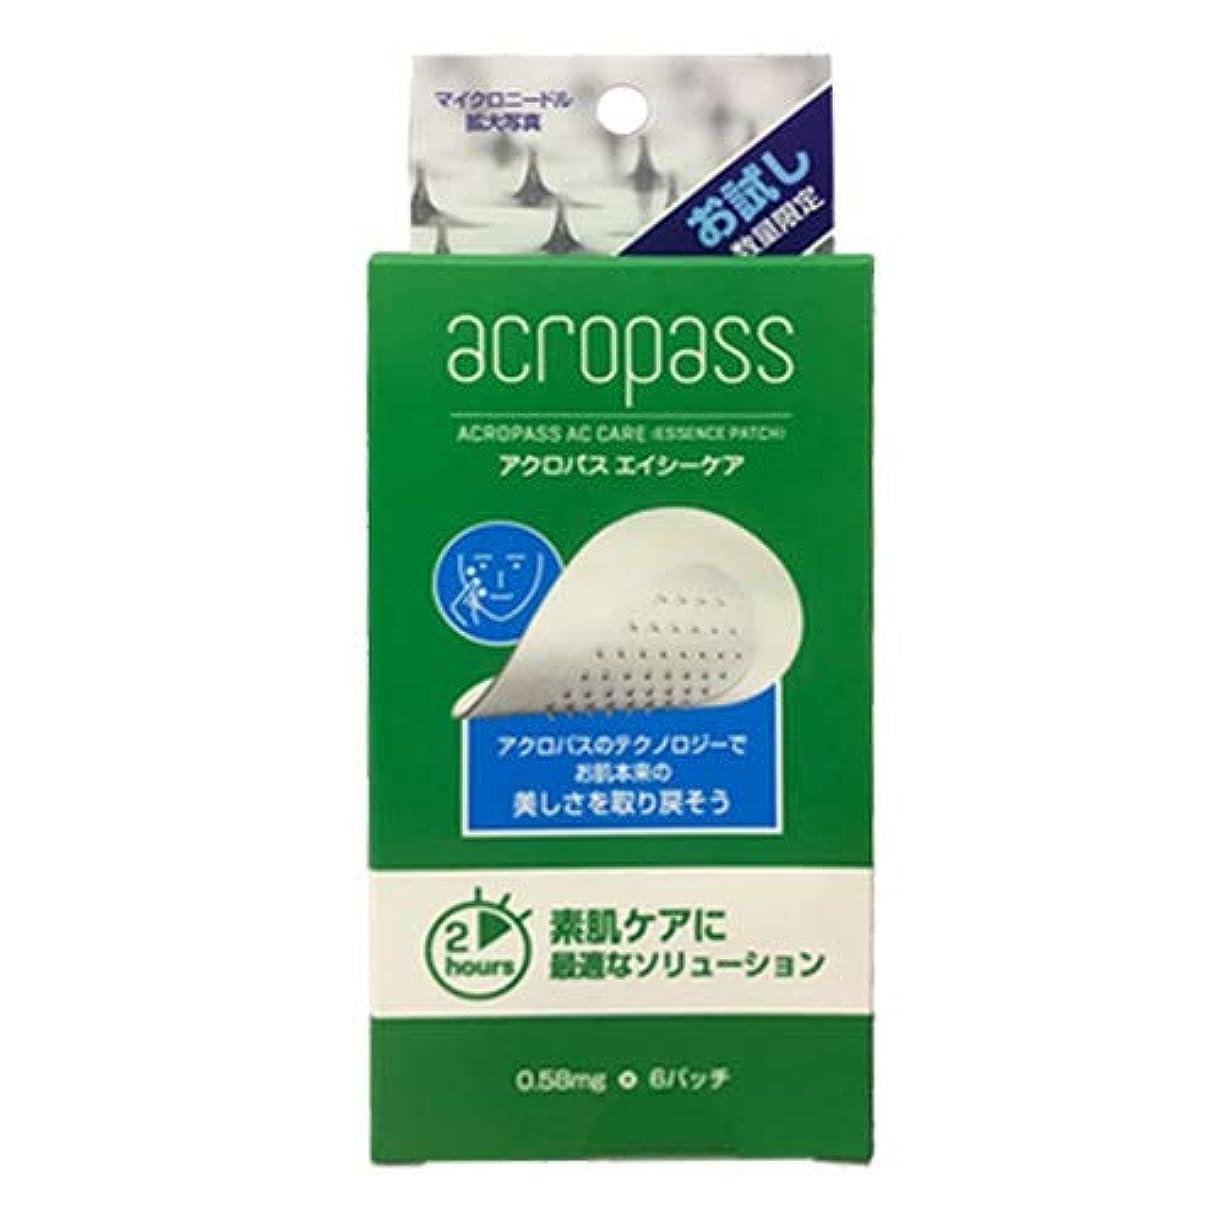 バドミントンスケジュール監督するAcropass (アクロパス) アクロパス エイシーケア お試しサイズ フェイスマスク 無香料 6パッチ入り